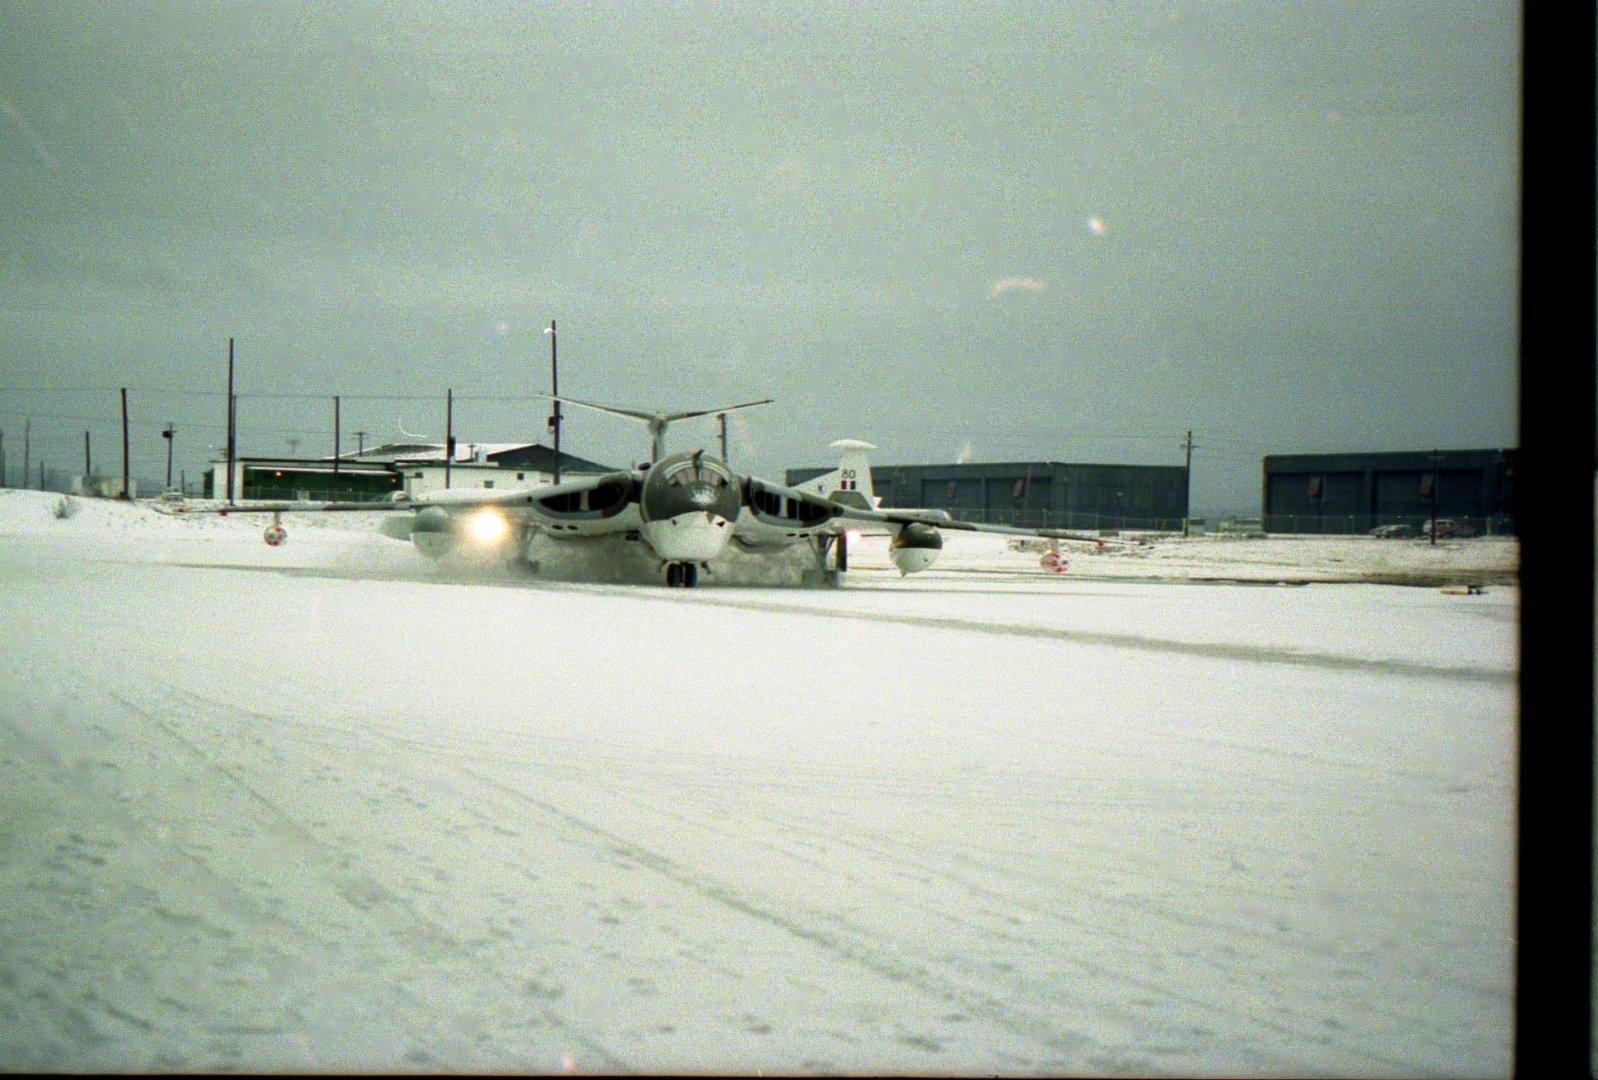 在加拿大鹅湾空军基地飞行期间